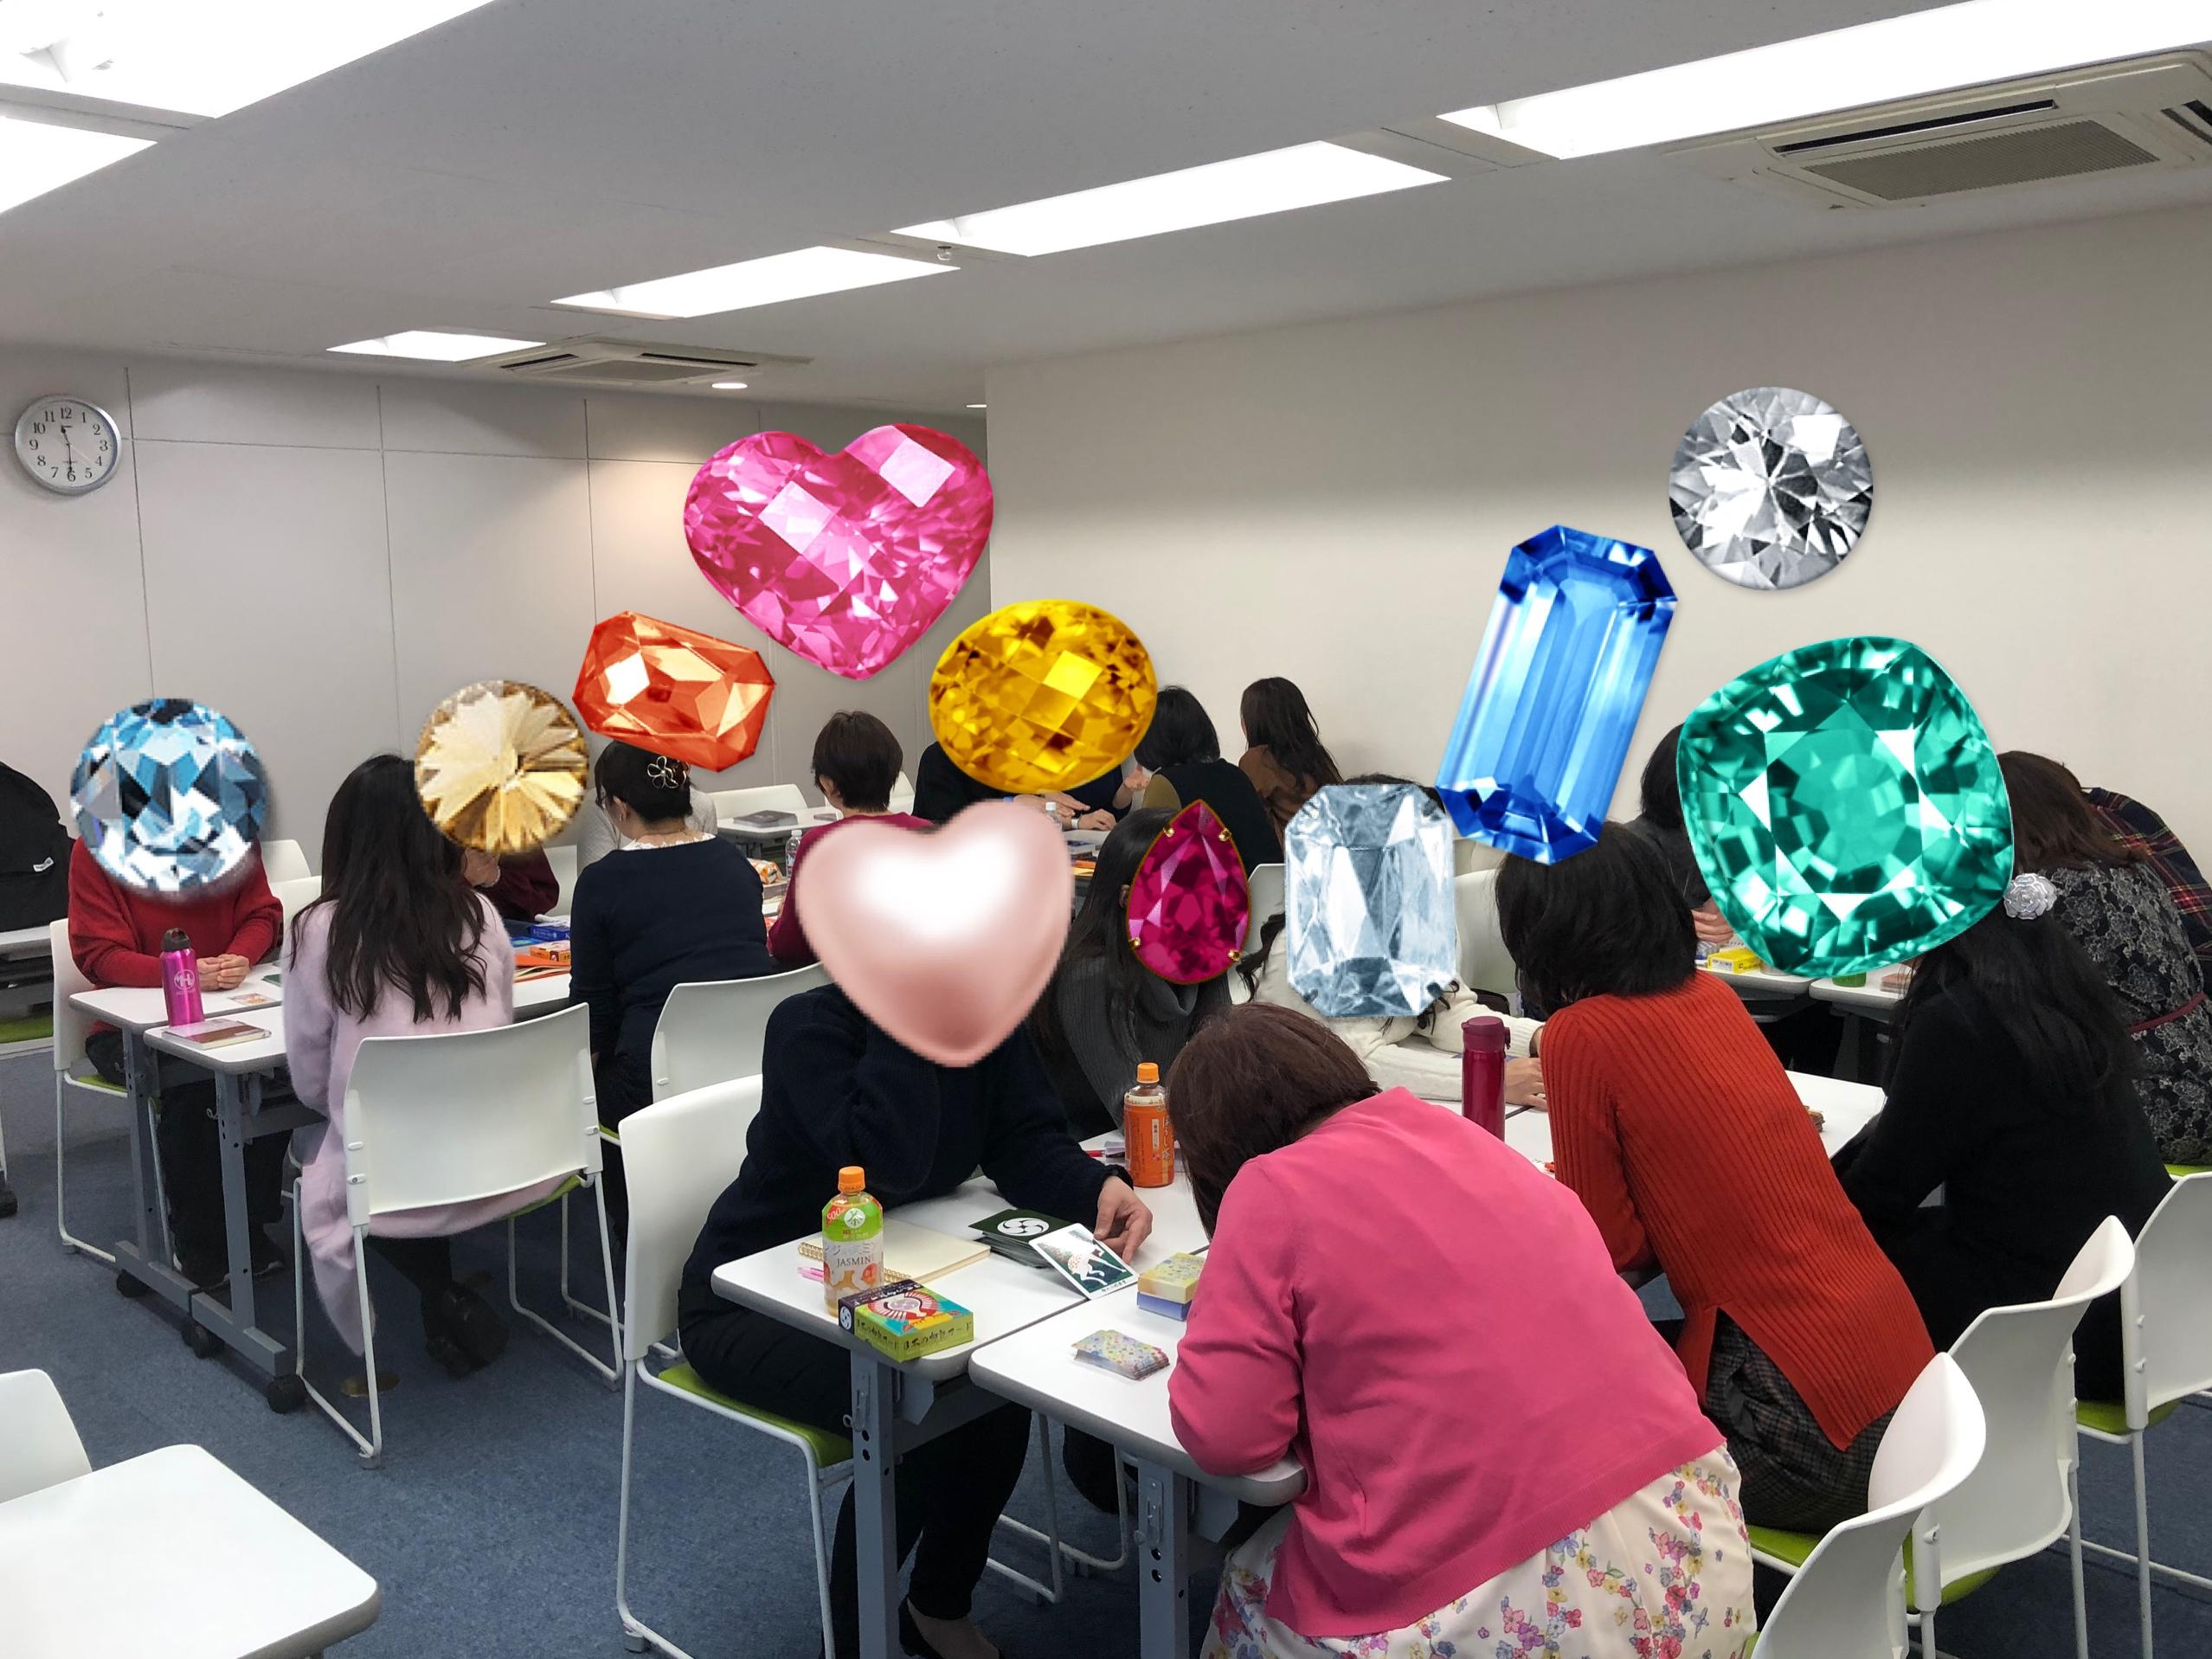 実践!実践!実践! 解説書不要・2時間でカードが読める! 講座 福岡と仙台で開催しました。